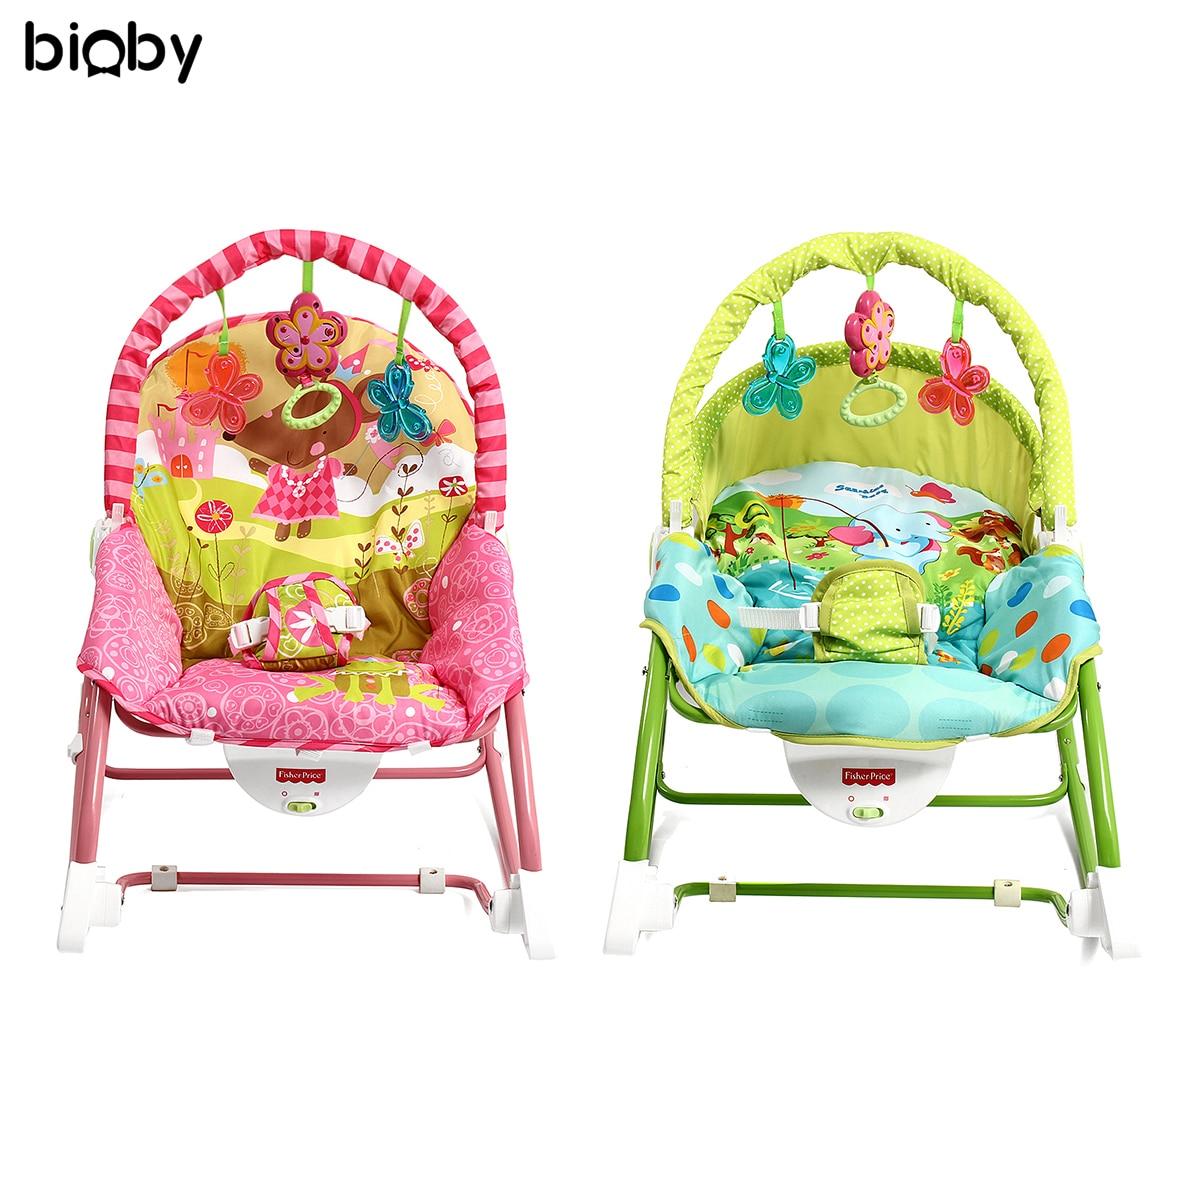 Bébé infantile Rocker videur chaise musique Vibration Swing jouets dormeur berceau siège soin lit Portable Balance bébé nouveau-nés chaise